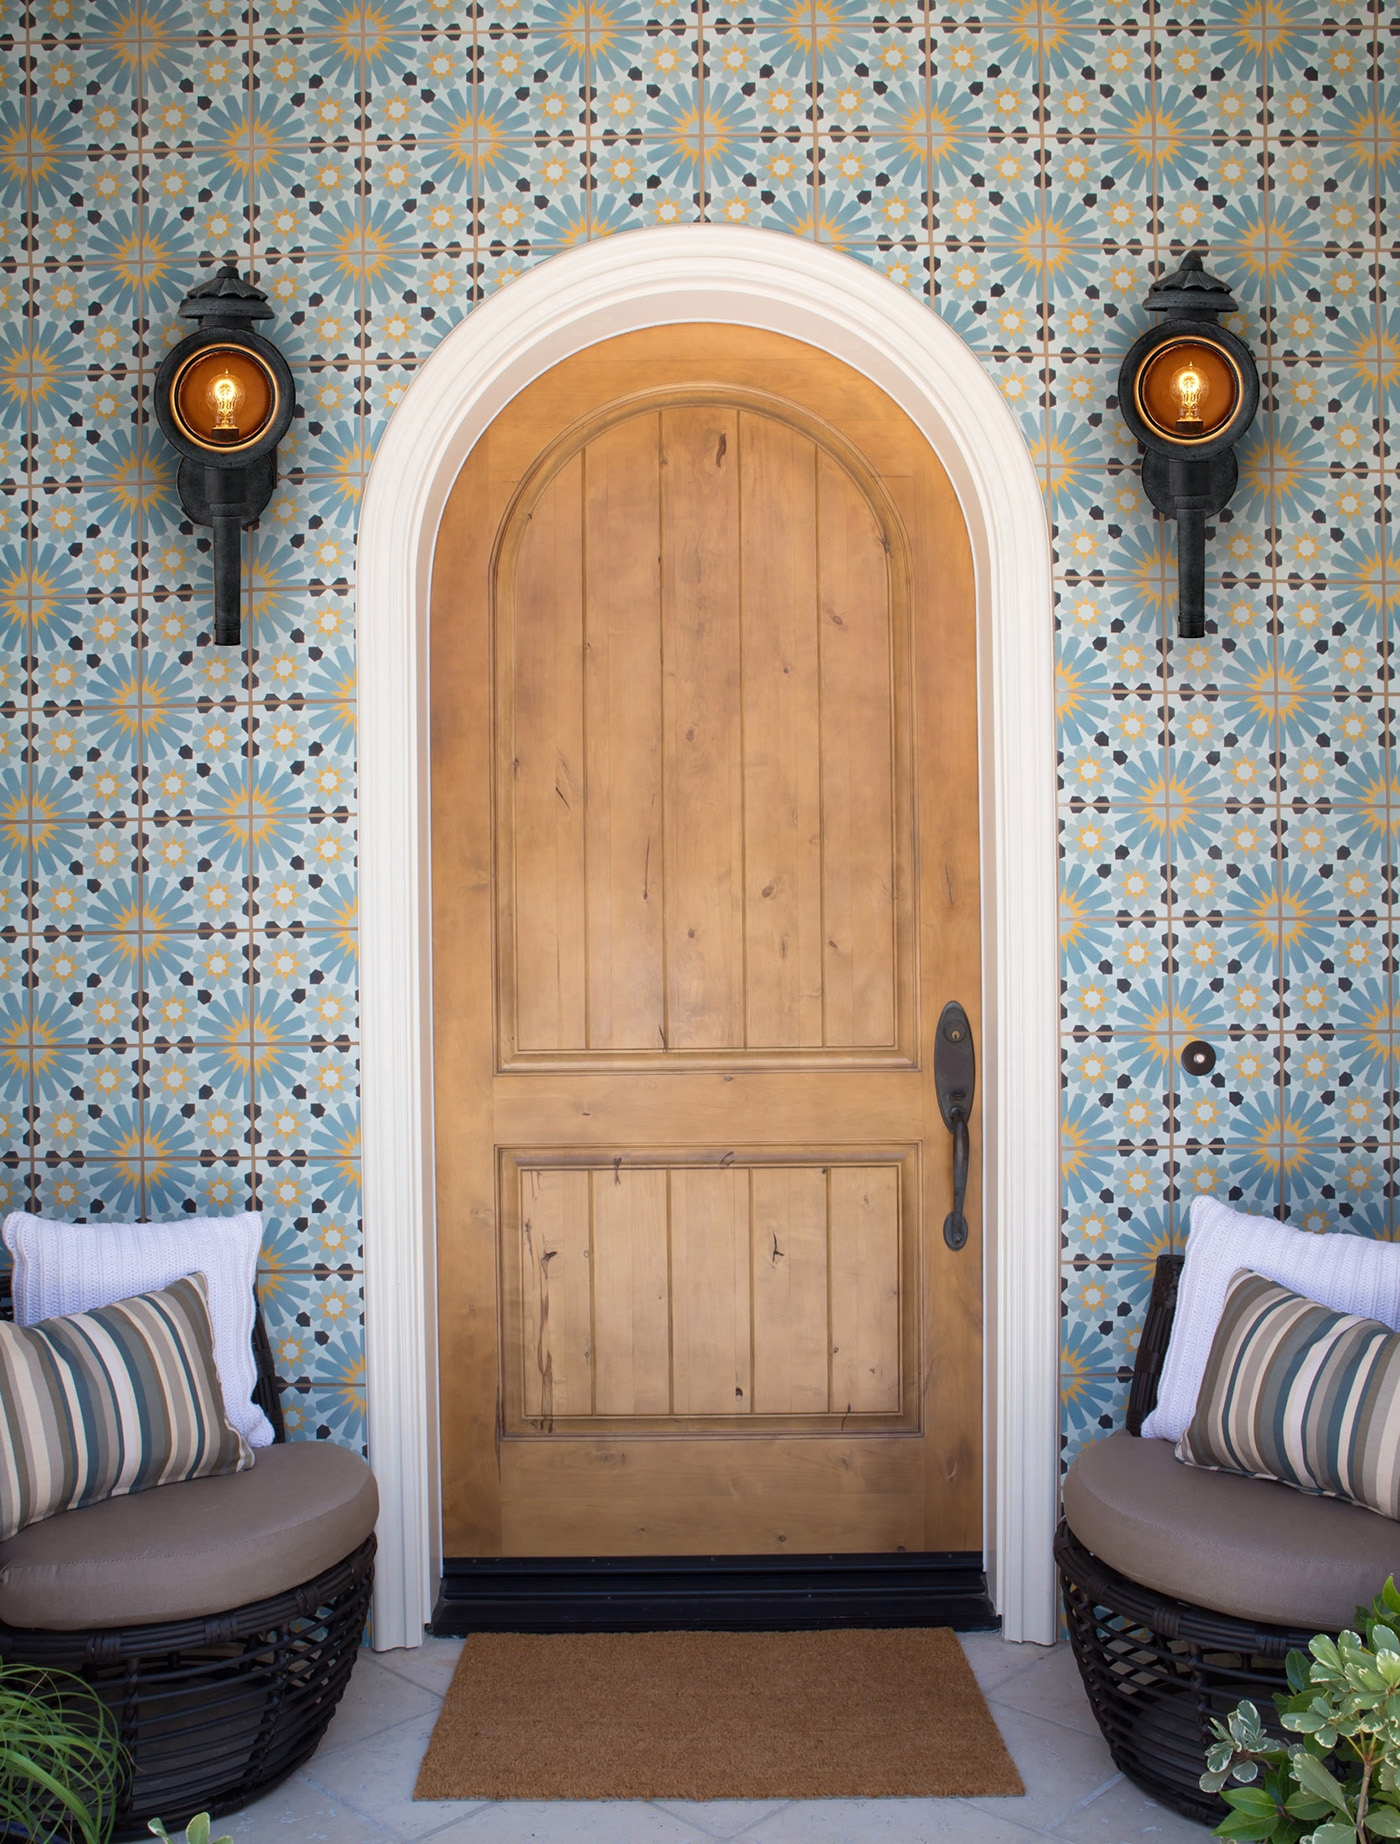 1-lori-dennis-interior-design-villa-del-sur-entry